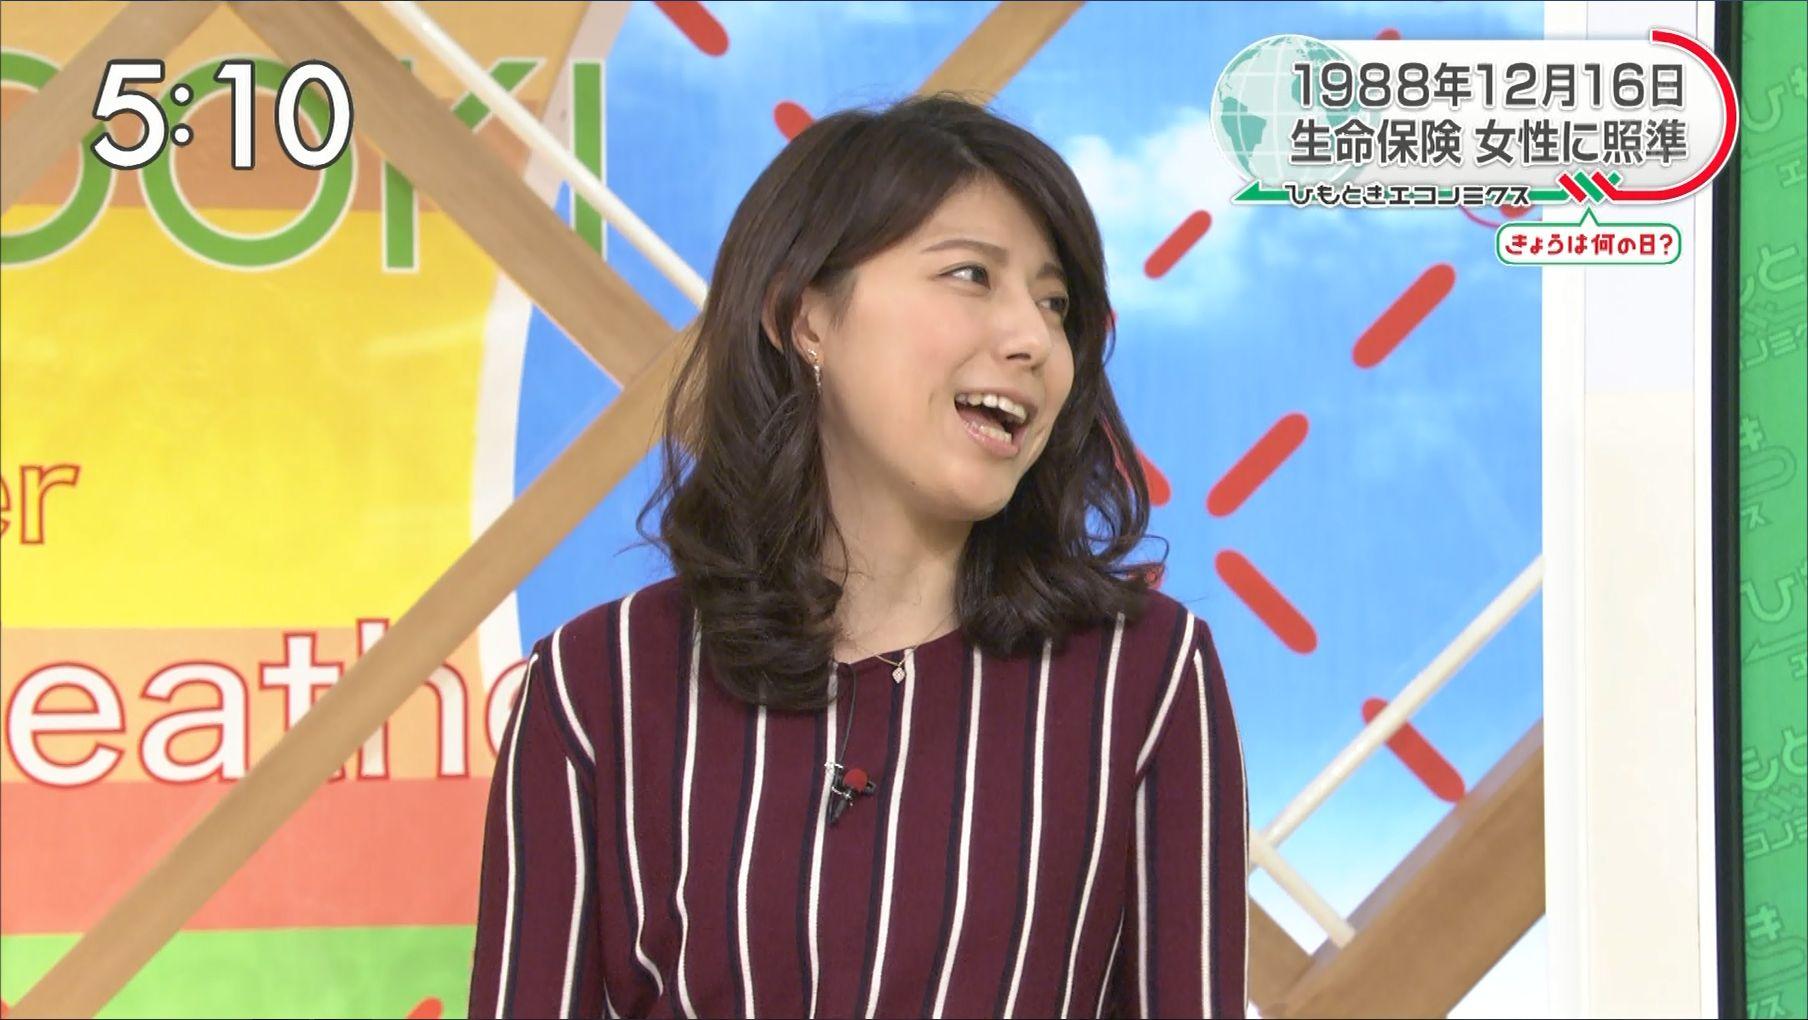 上村彩子 (アナウンサー)の画像 p1_35